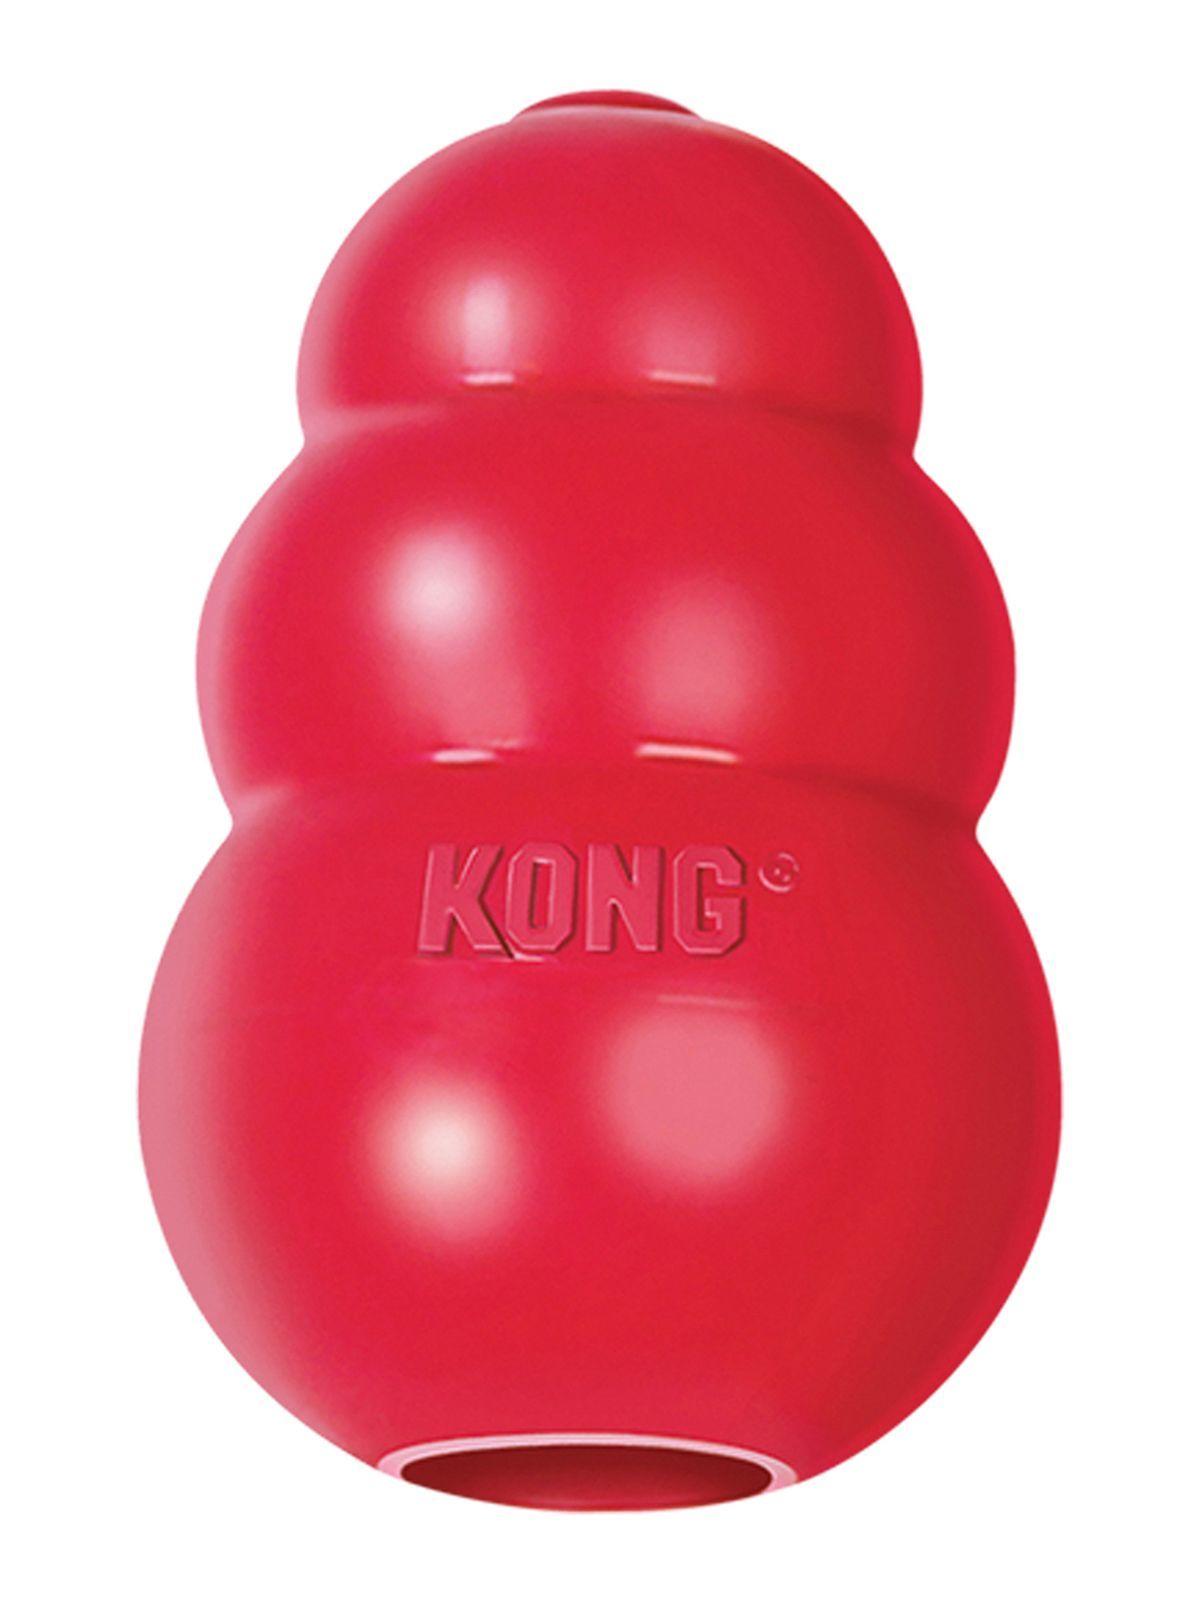 Игрушки Игрушка для собак KONG Classic L большая 10х6 см T1_1.jpeg